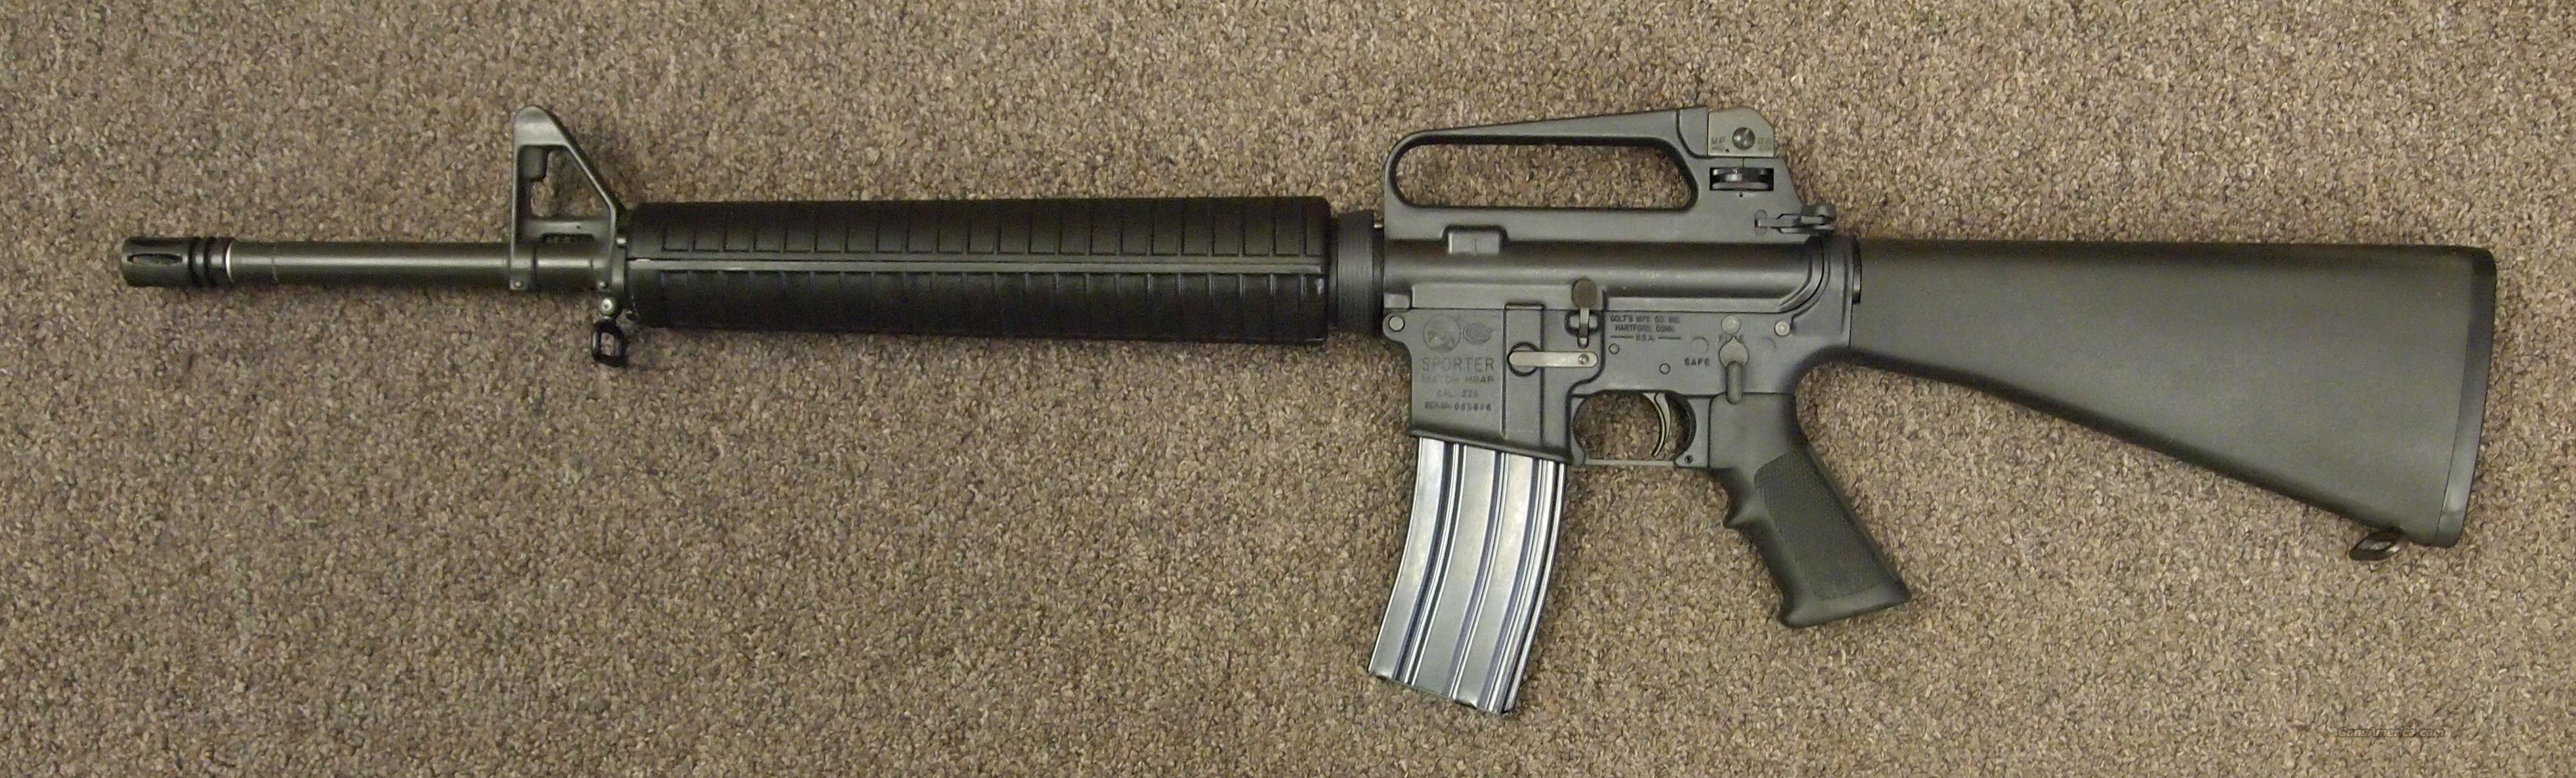 Colt AR-15 Sporter Match HBAR .223 Guns > Rifles > Colt Military/